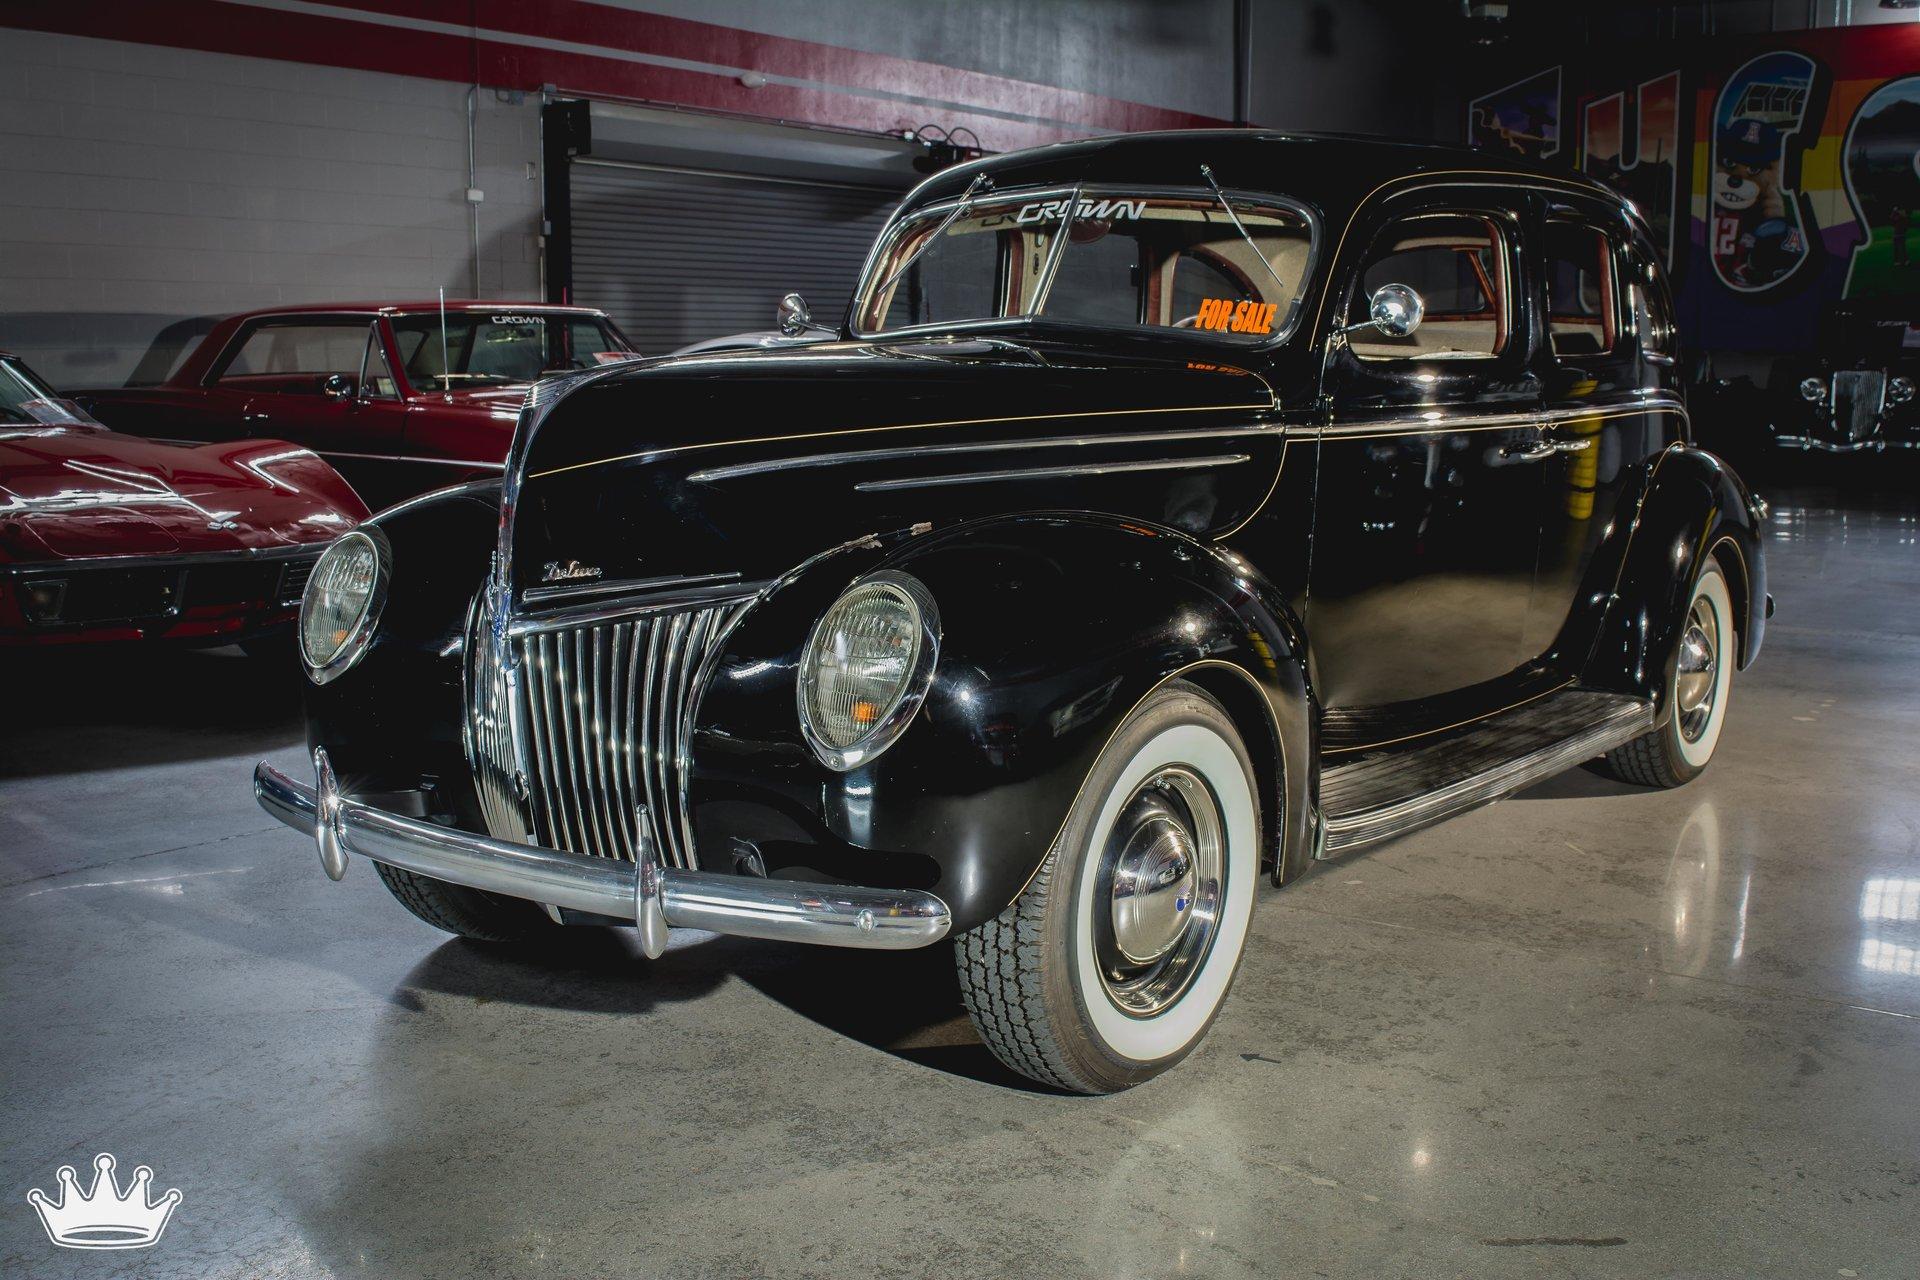 252167244fcc hd 1939 ford deluxe fodor